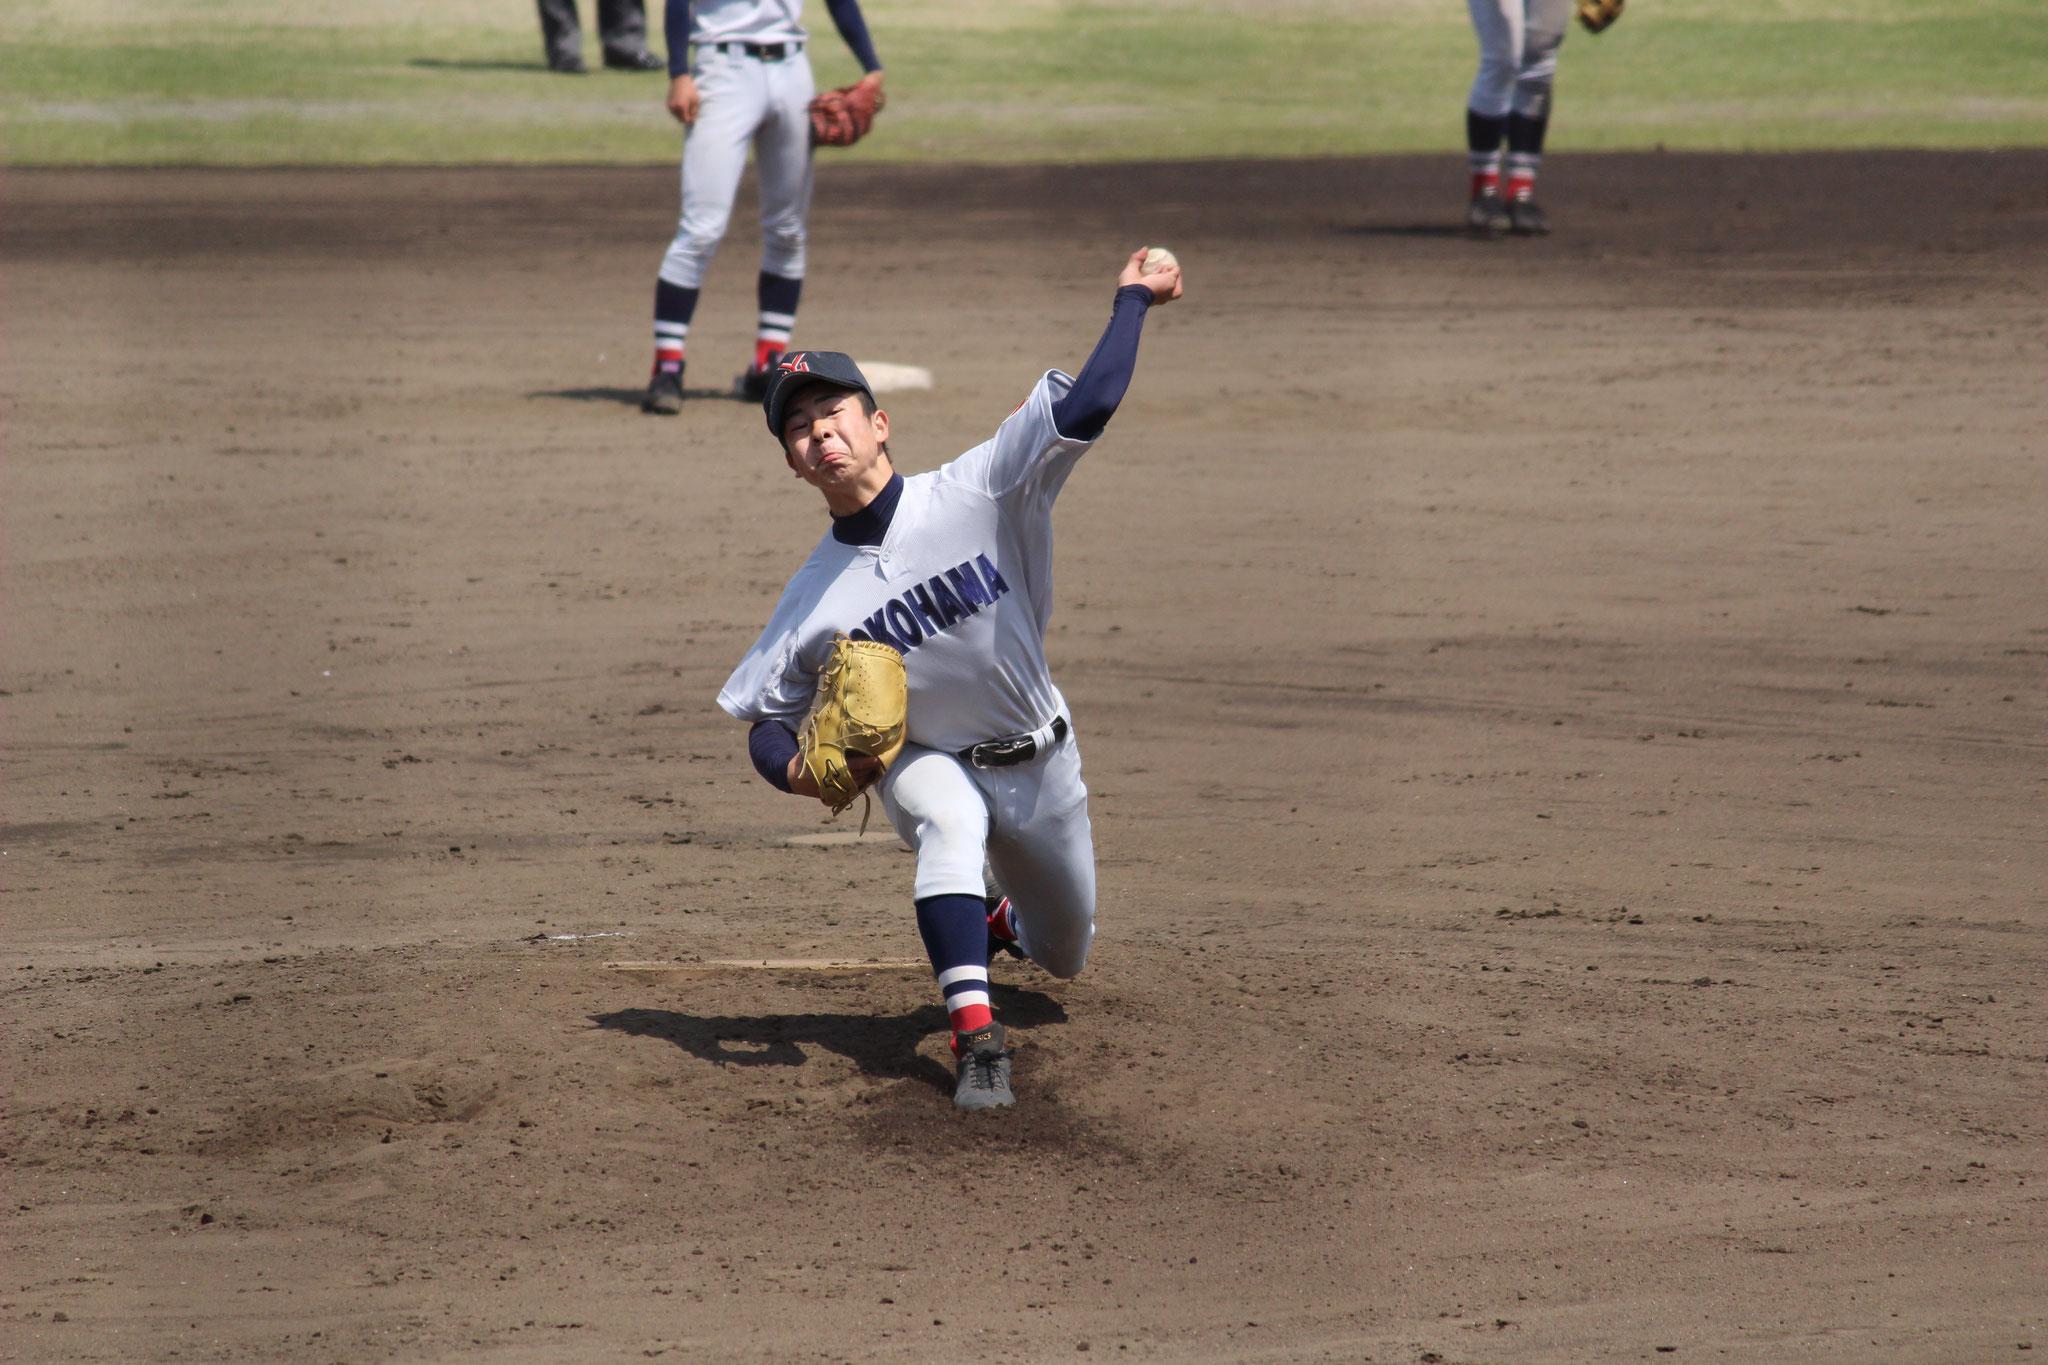 【横浜高校 板川佳矢】春季大会 2回戦vs藤沢西